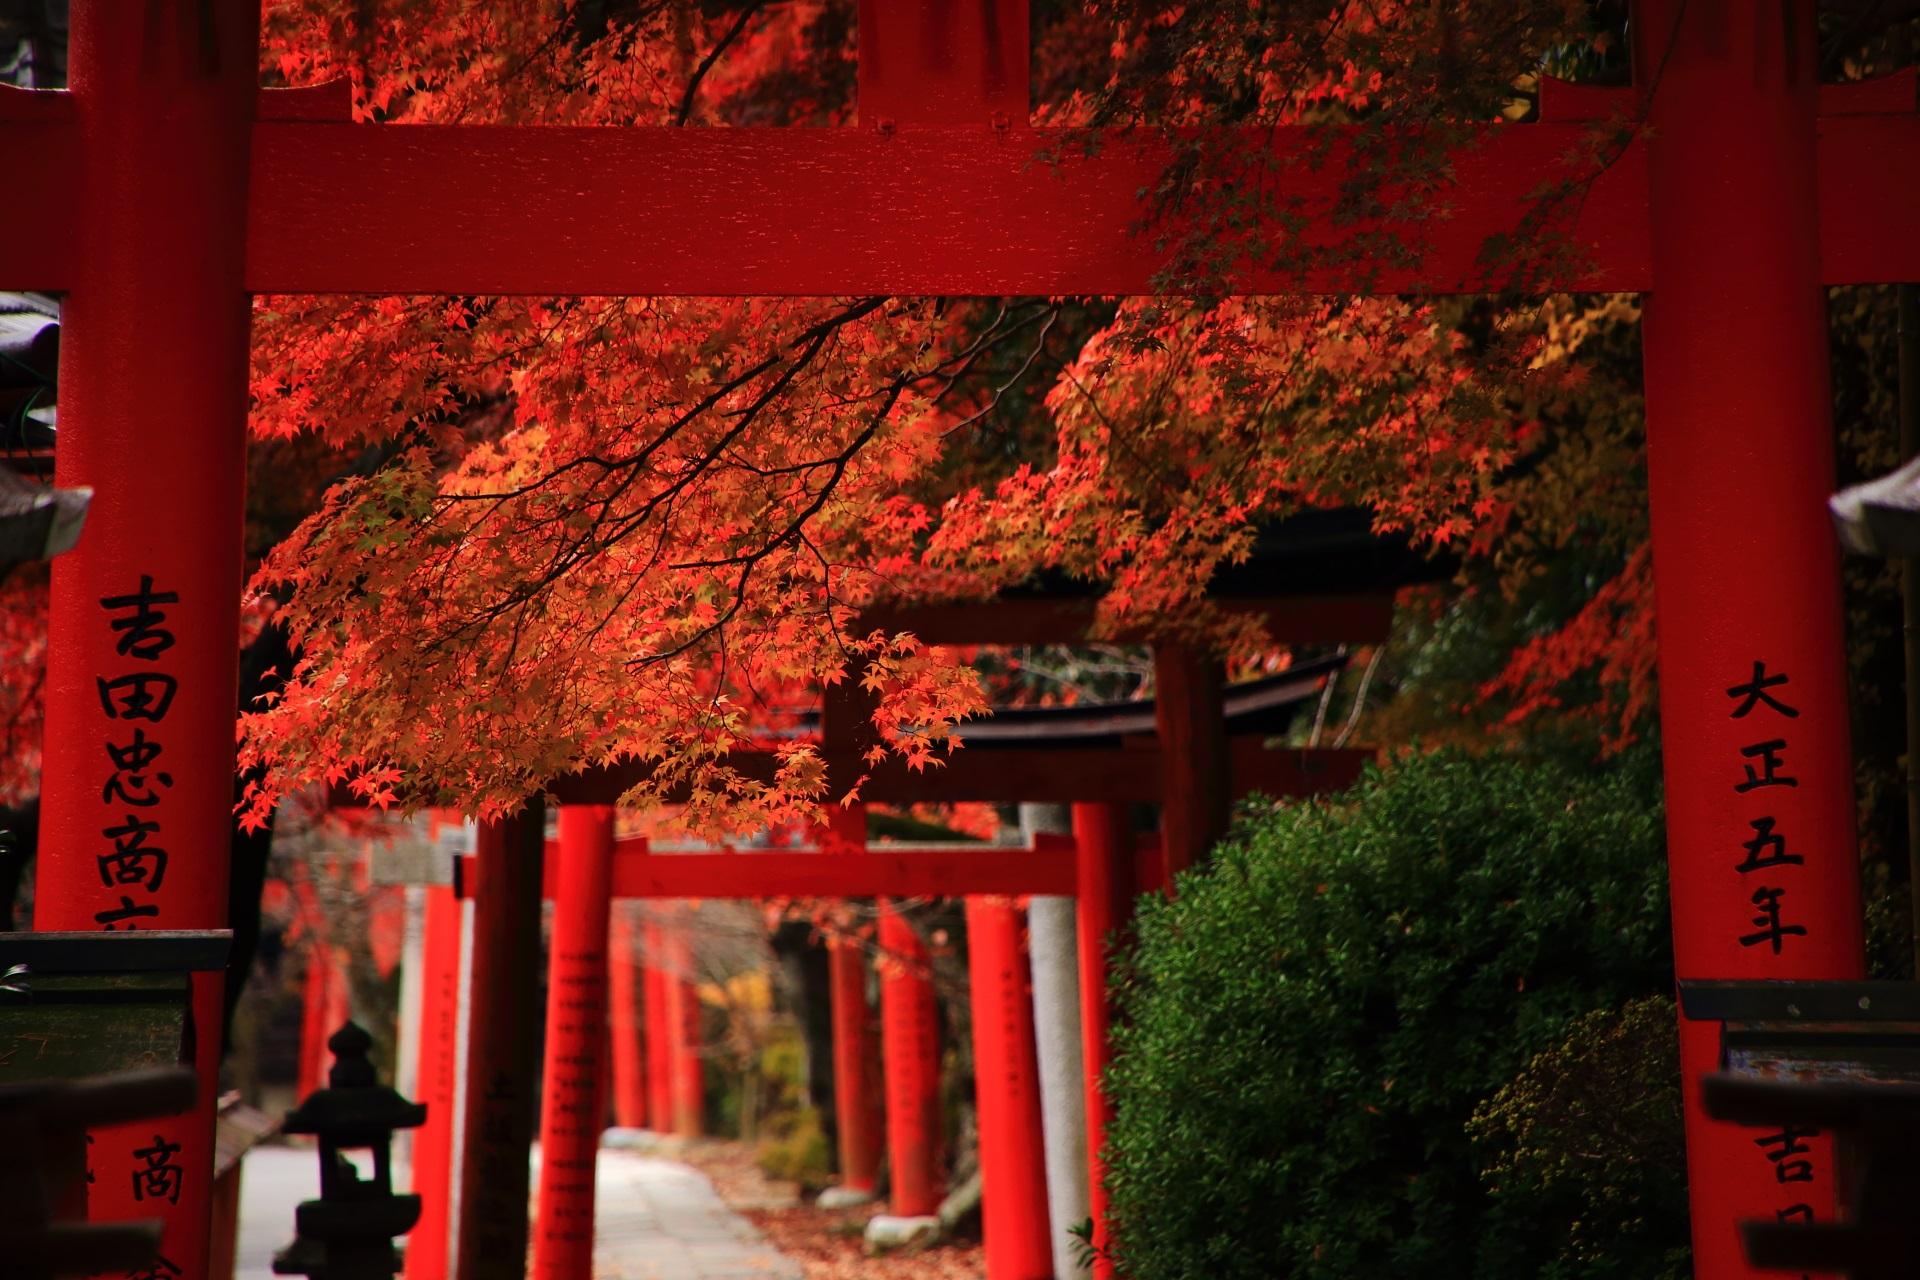 鳥居の間で華やかに煌く紅葉